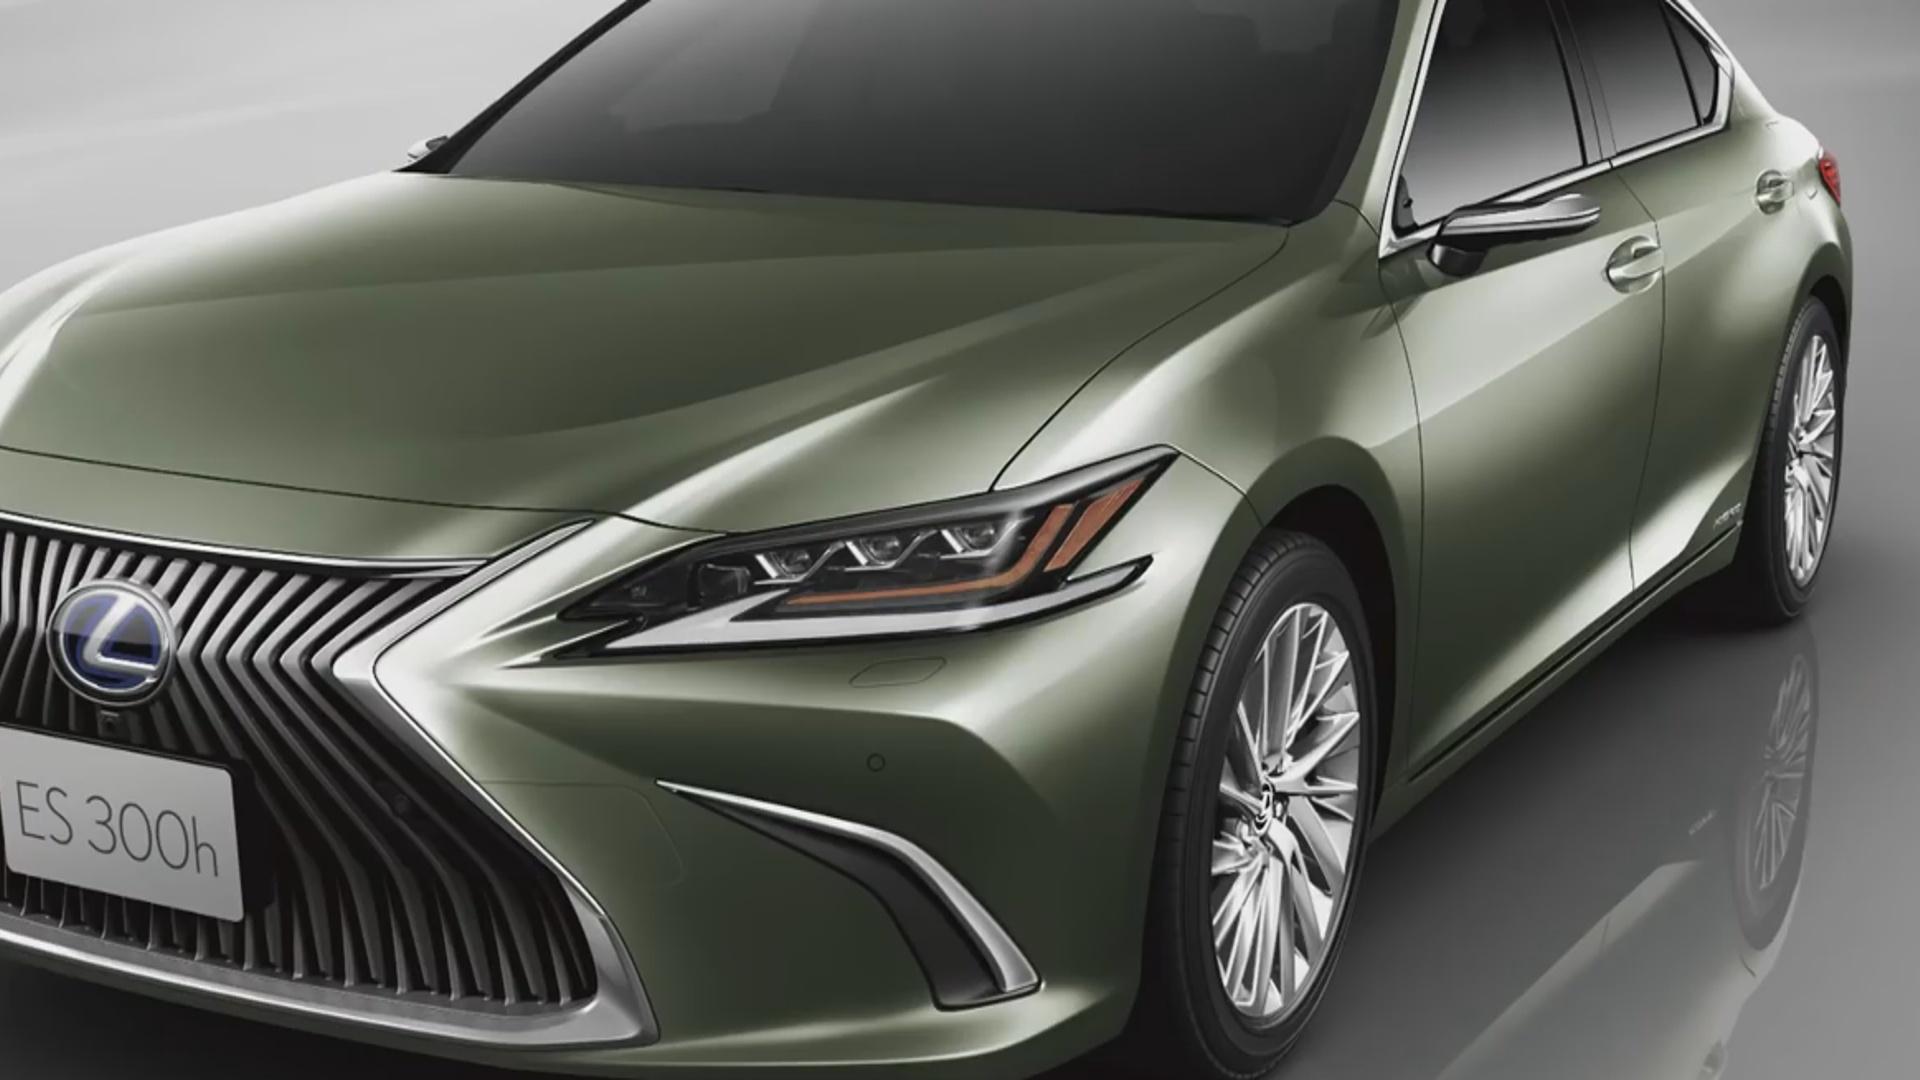 Lexus  avtomobil dünyasında daha bir yeniliyə imza atıb